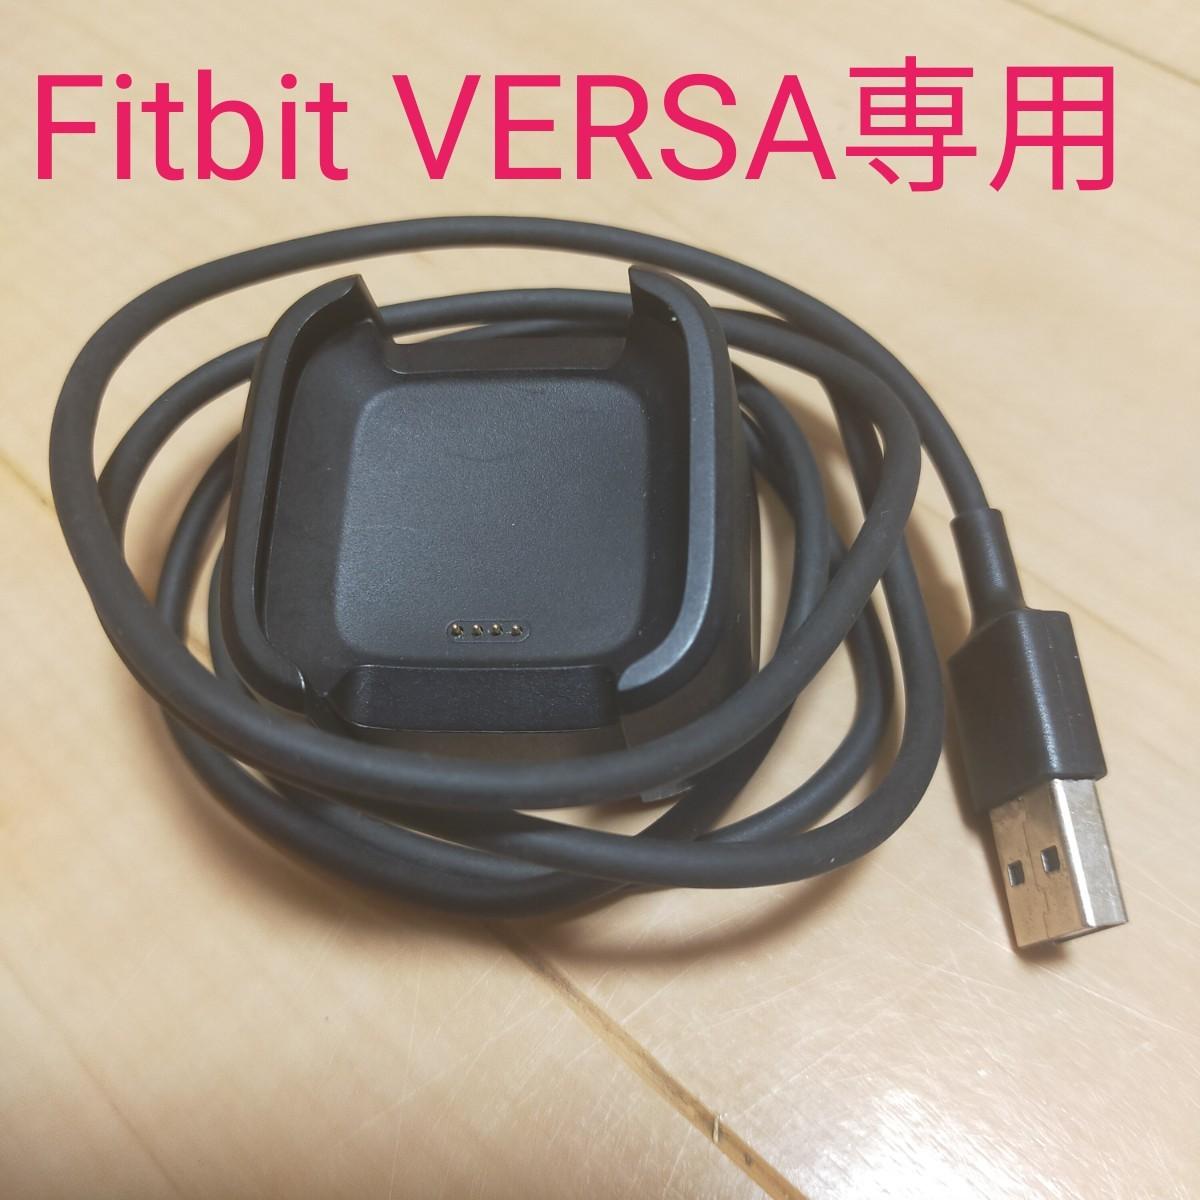 【純正品】フィットビット Fitbit VERSA 専用充電器【正規品】